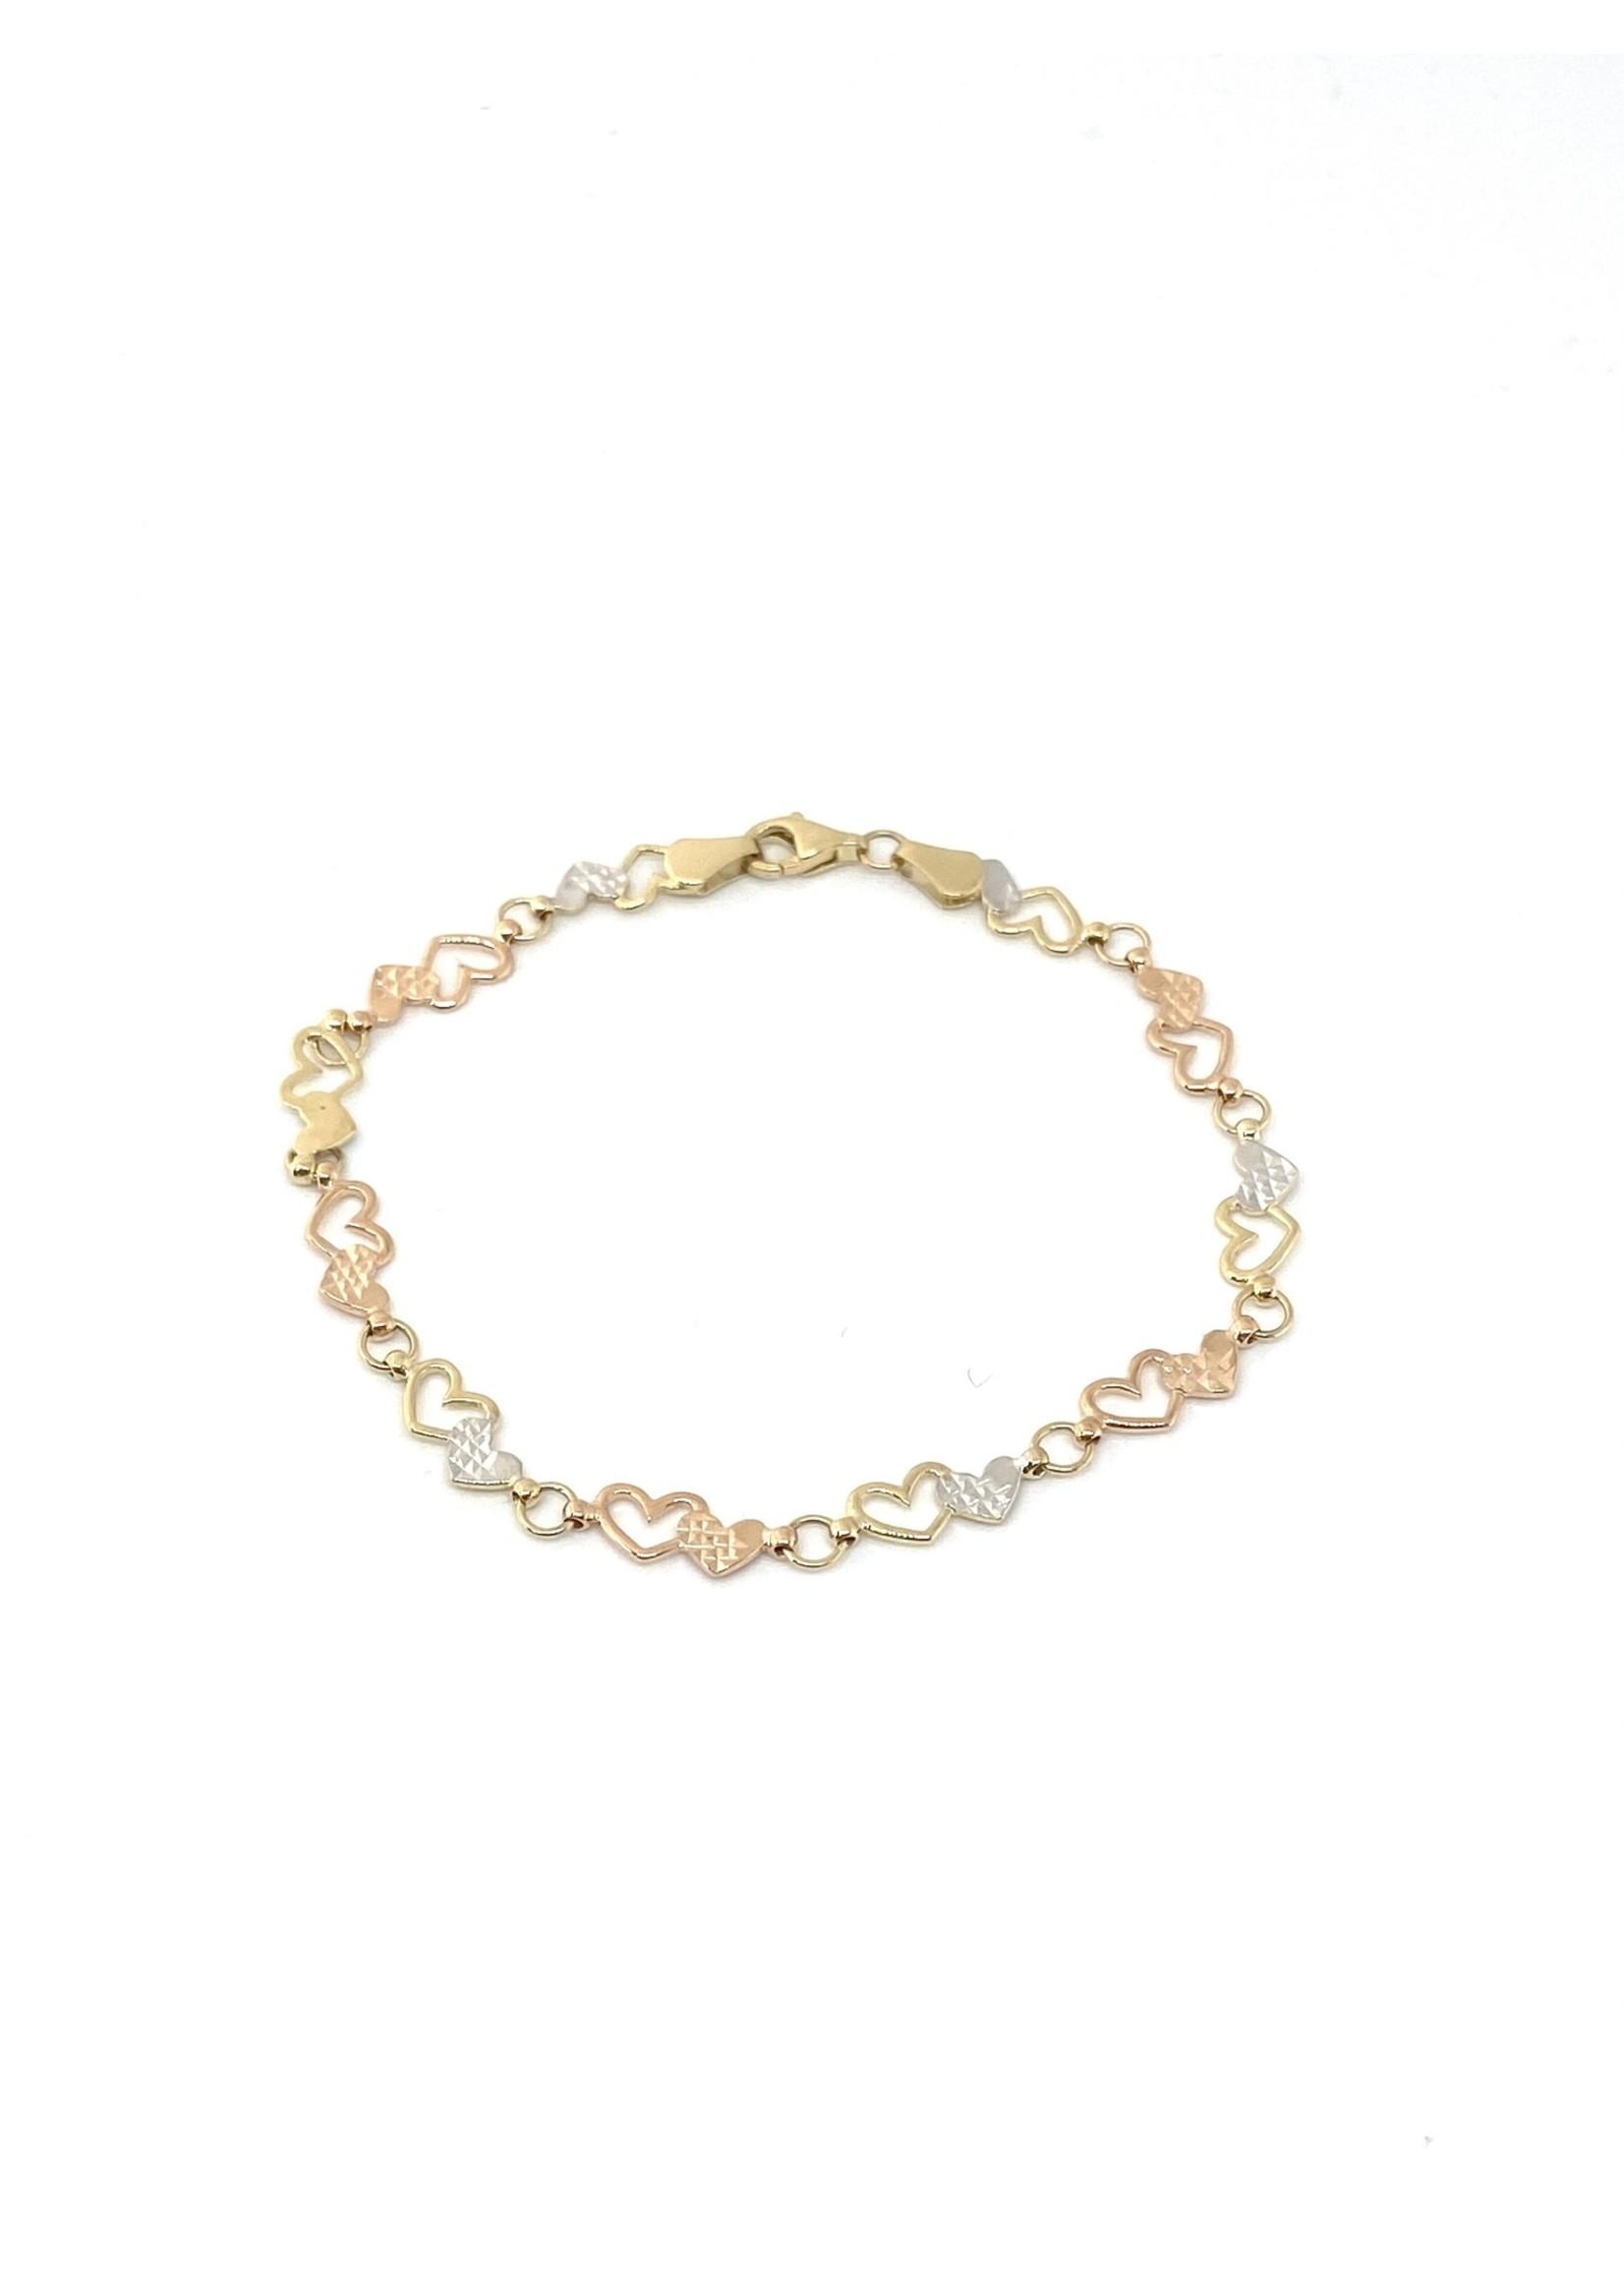 PARÉ Bracelet Petits cœurs et cercles Or 10K 3 tons